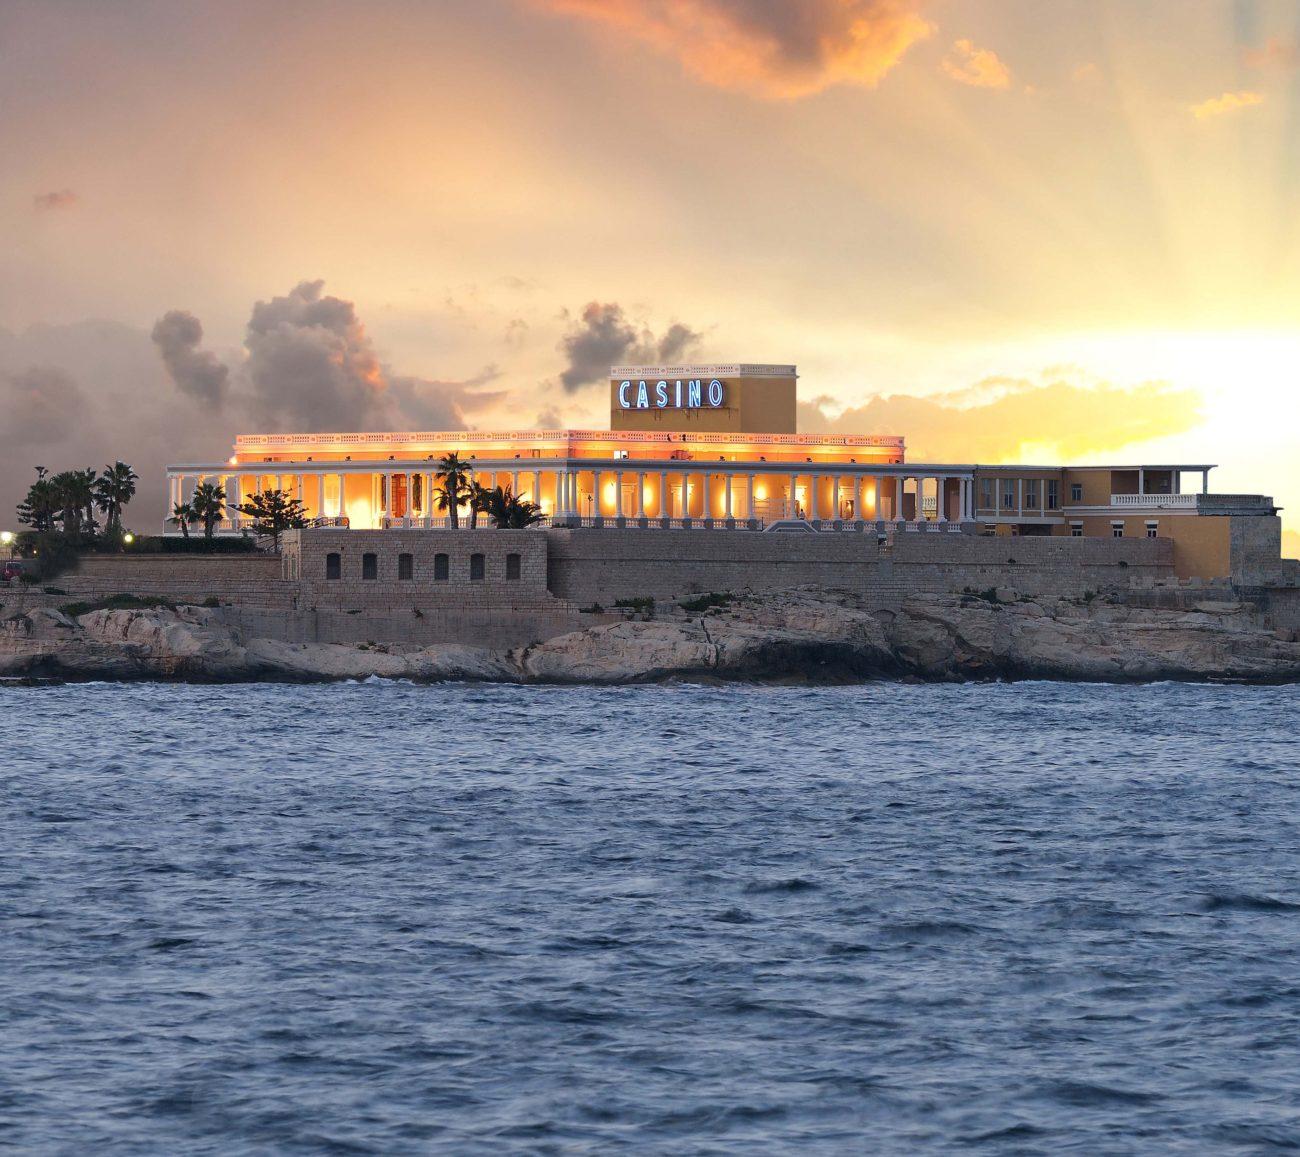 Casino auf Malta - 61240